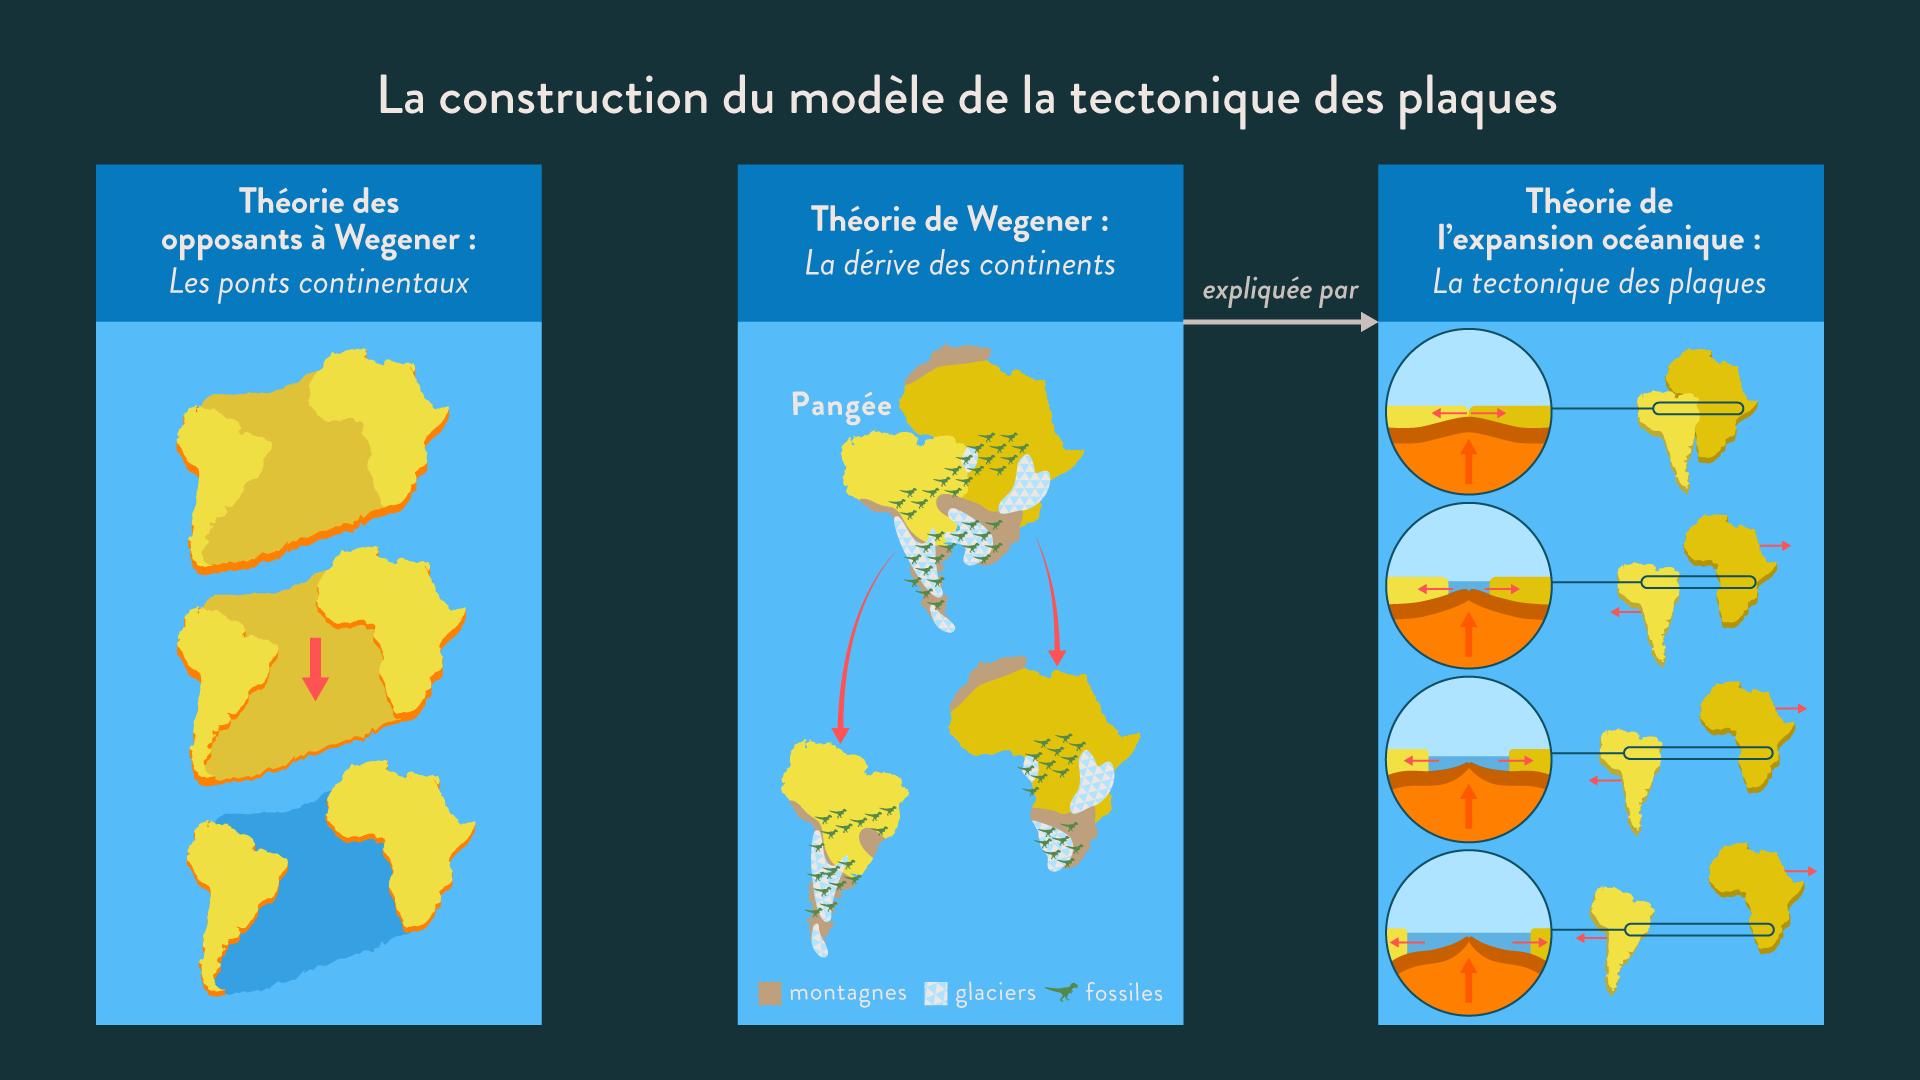 La construction du modèle de la tectonique des plaques